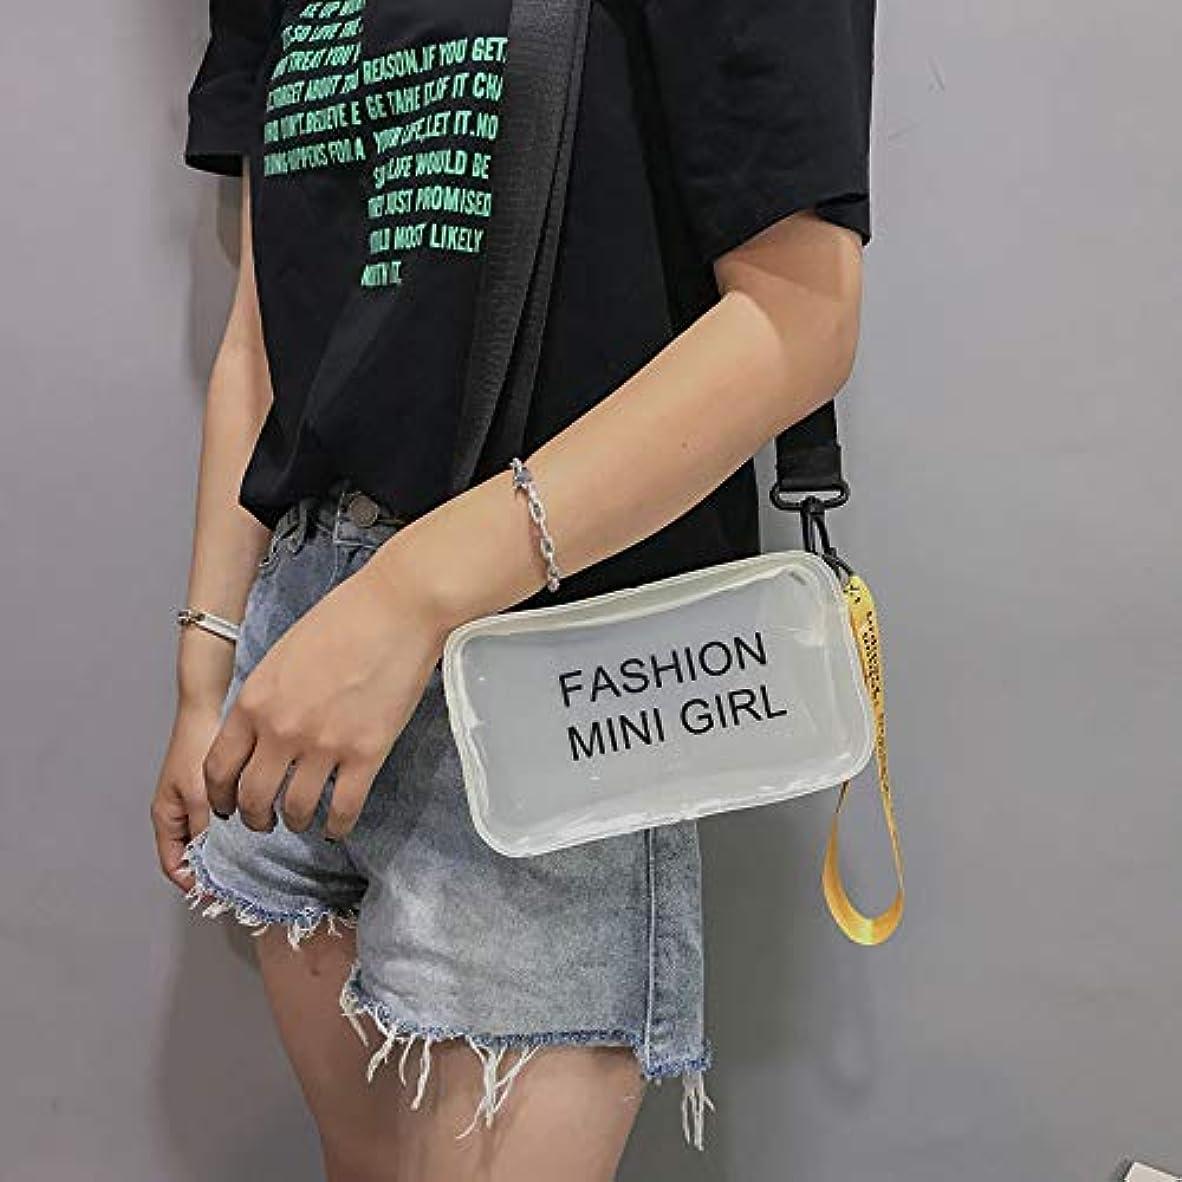 肉腫文特異性女性ファッションゼリー手紙ストリートシンプルデザインショルダーバッグメッセンジャーバッグ、ゼリー手紙メッセンジャーバッグハンドバッグ携帯電話バッグ、ファッション汎用メッセンジャーバッグショルダーバッグハンドバッグ (白)